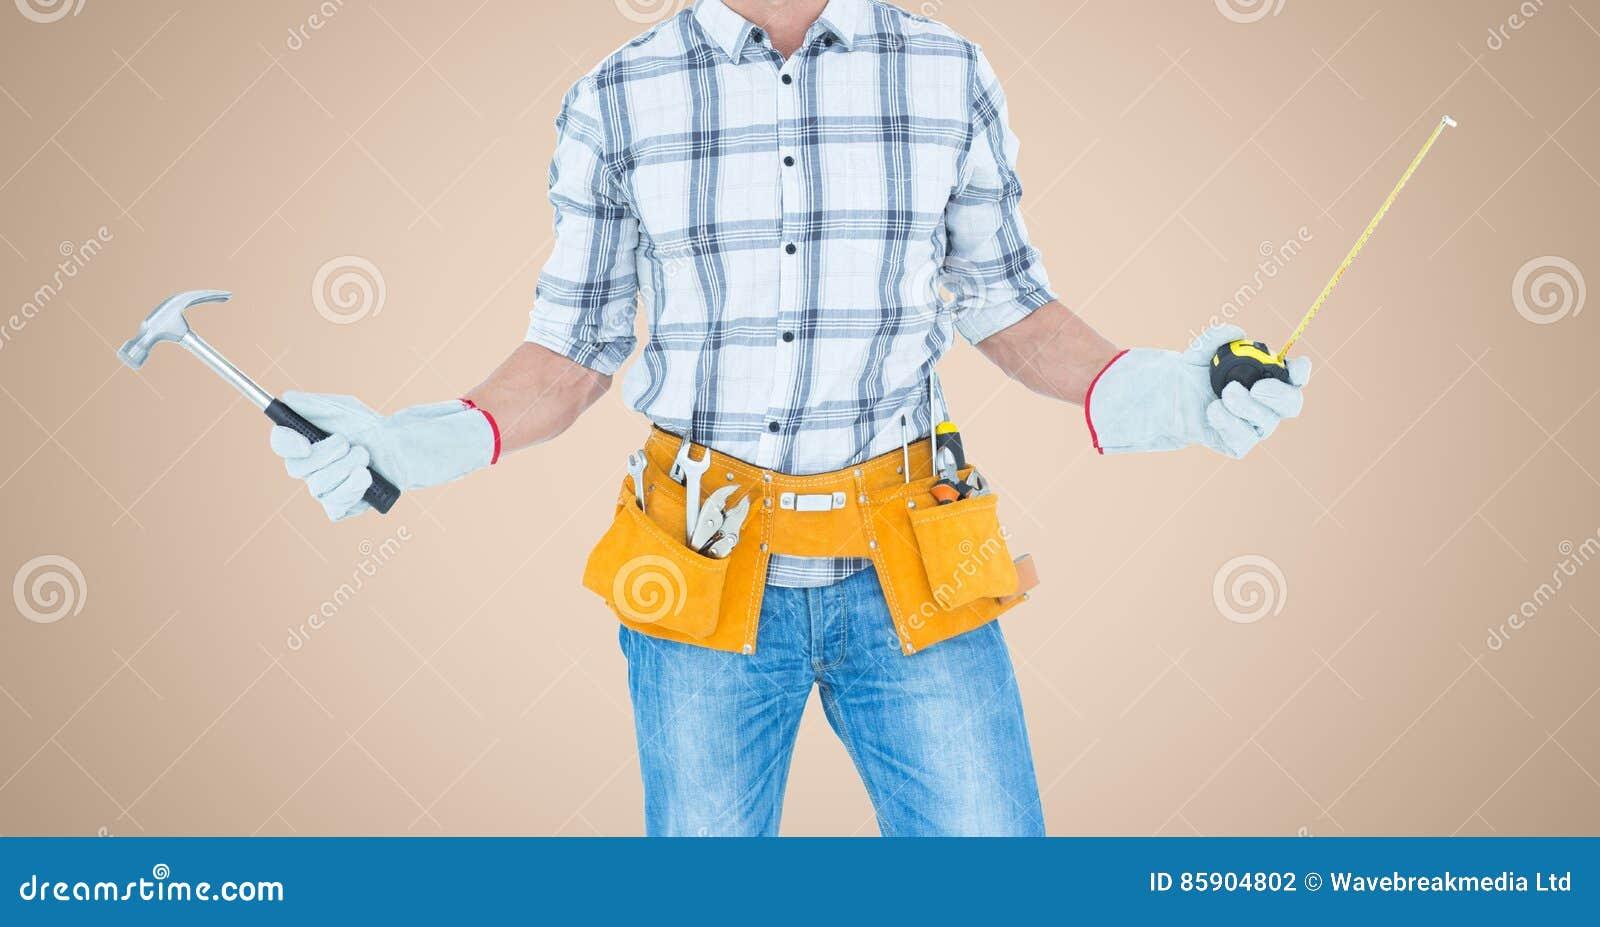 Carpinteiro com martelo e a fita de medição contra o fundo de creme